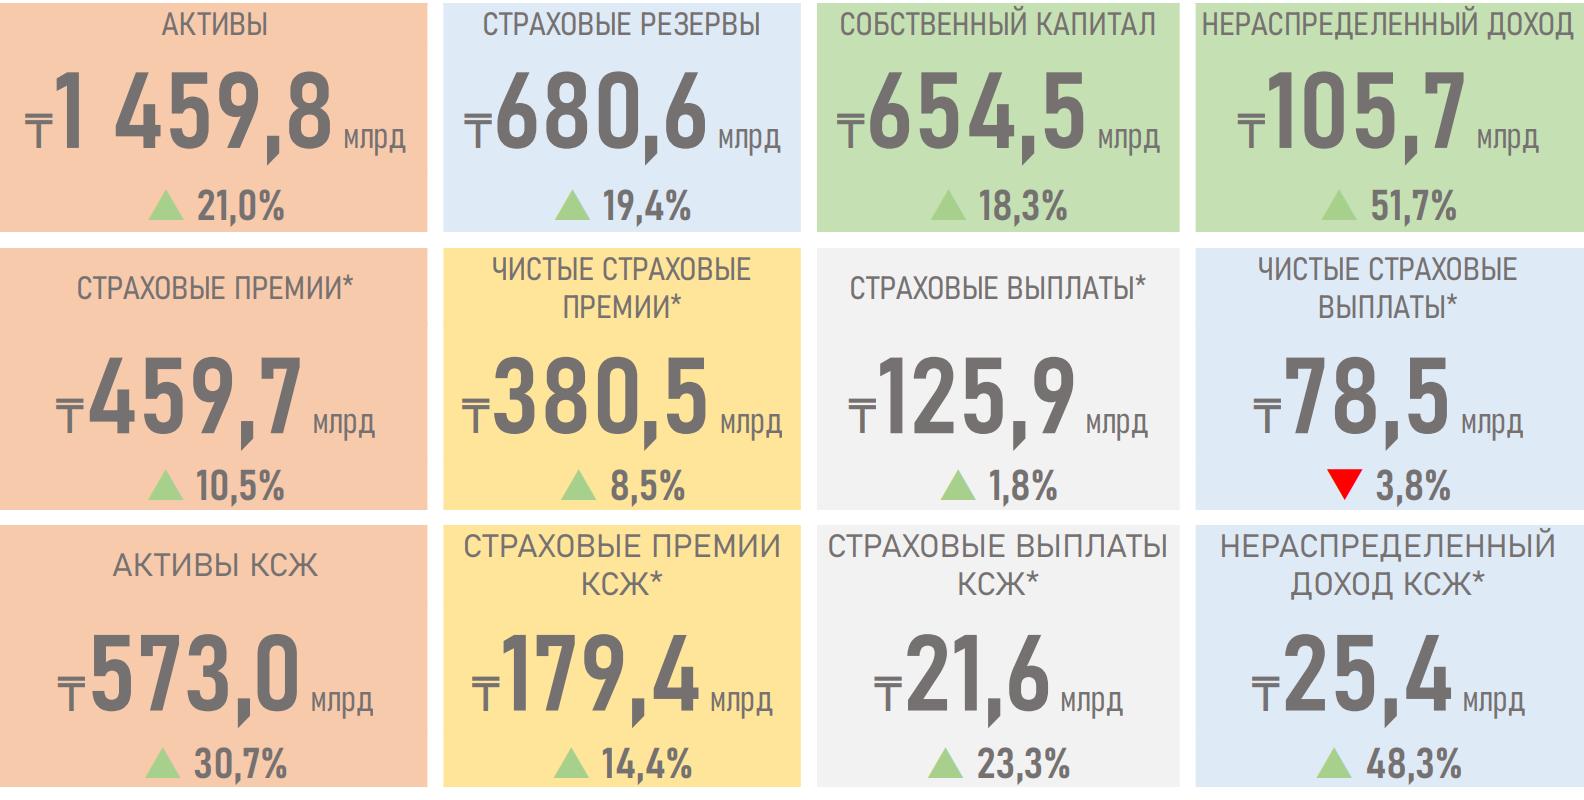 Активы страховых компаний выросли до 1 459,8 млрд тенге 532161 - Kapital.kz